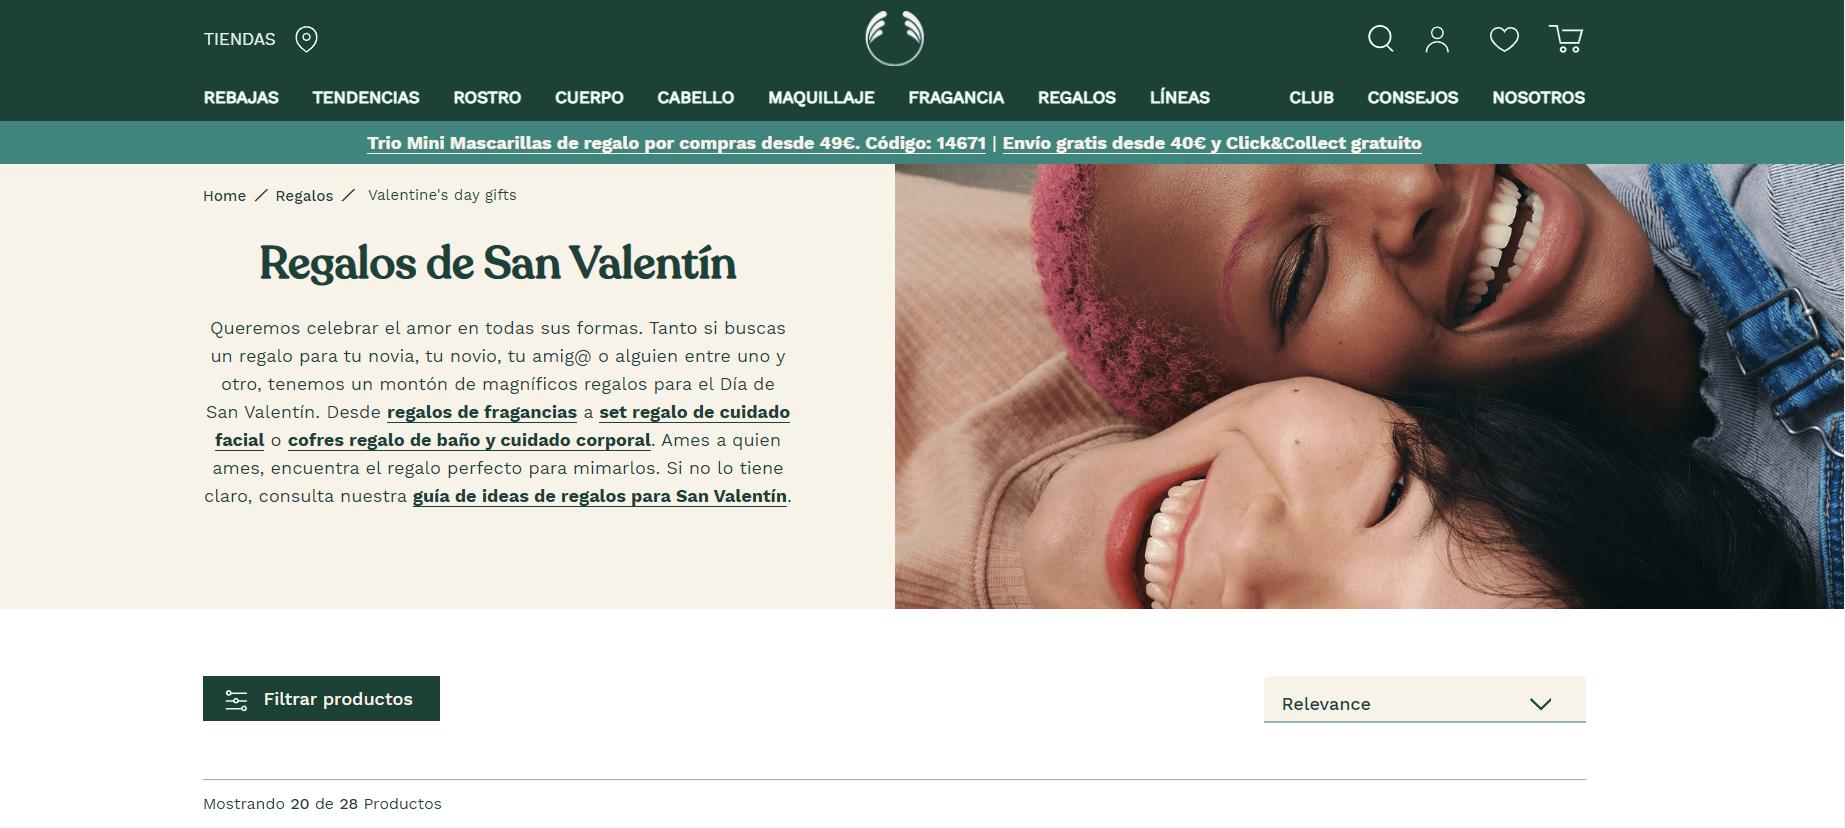 Mujeres sonrientes en la campaña de marketing en San Valentín de Body Shop.